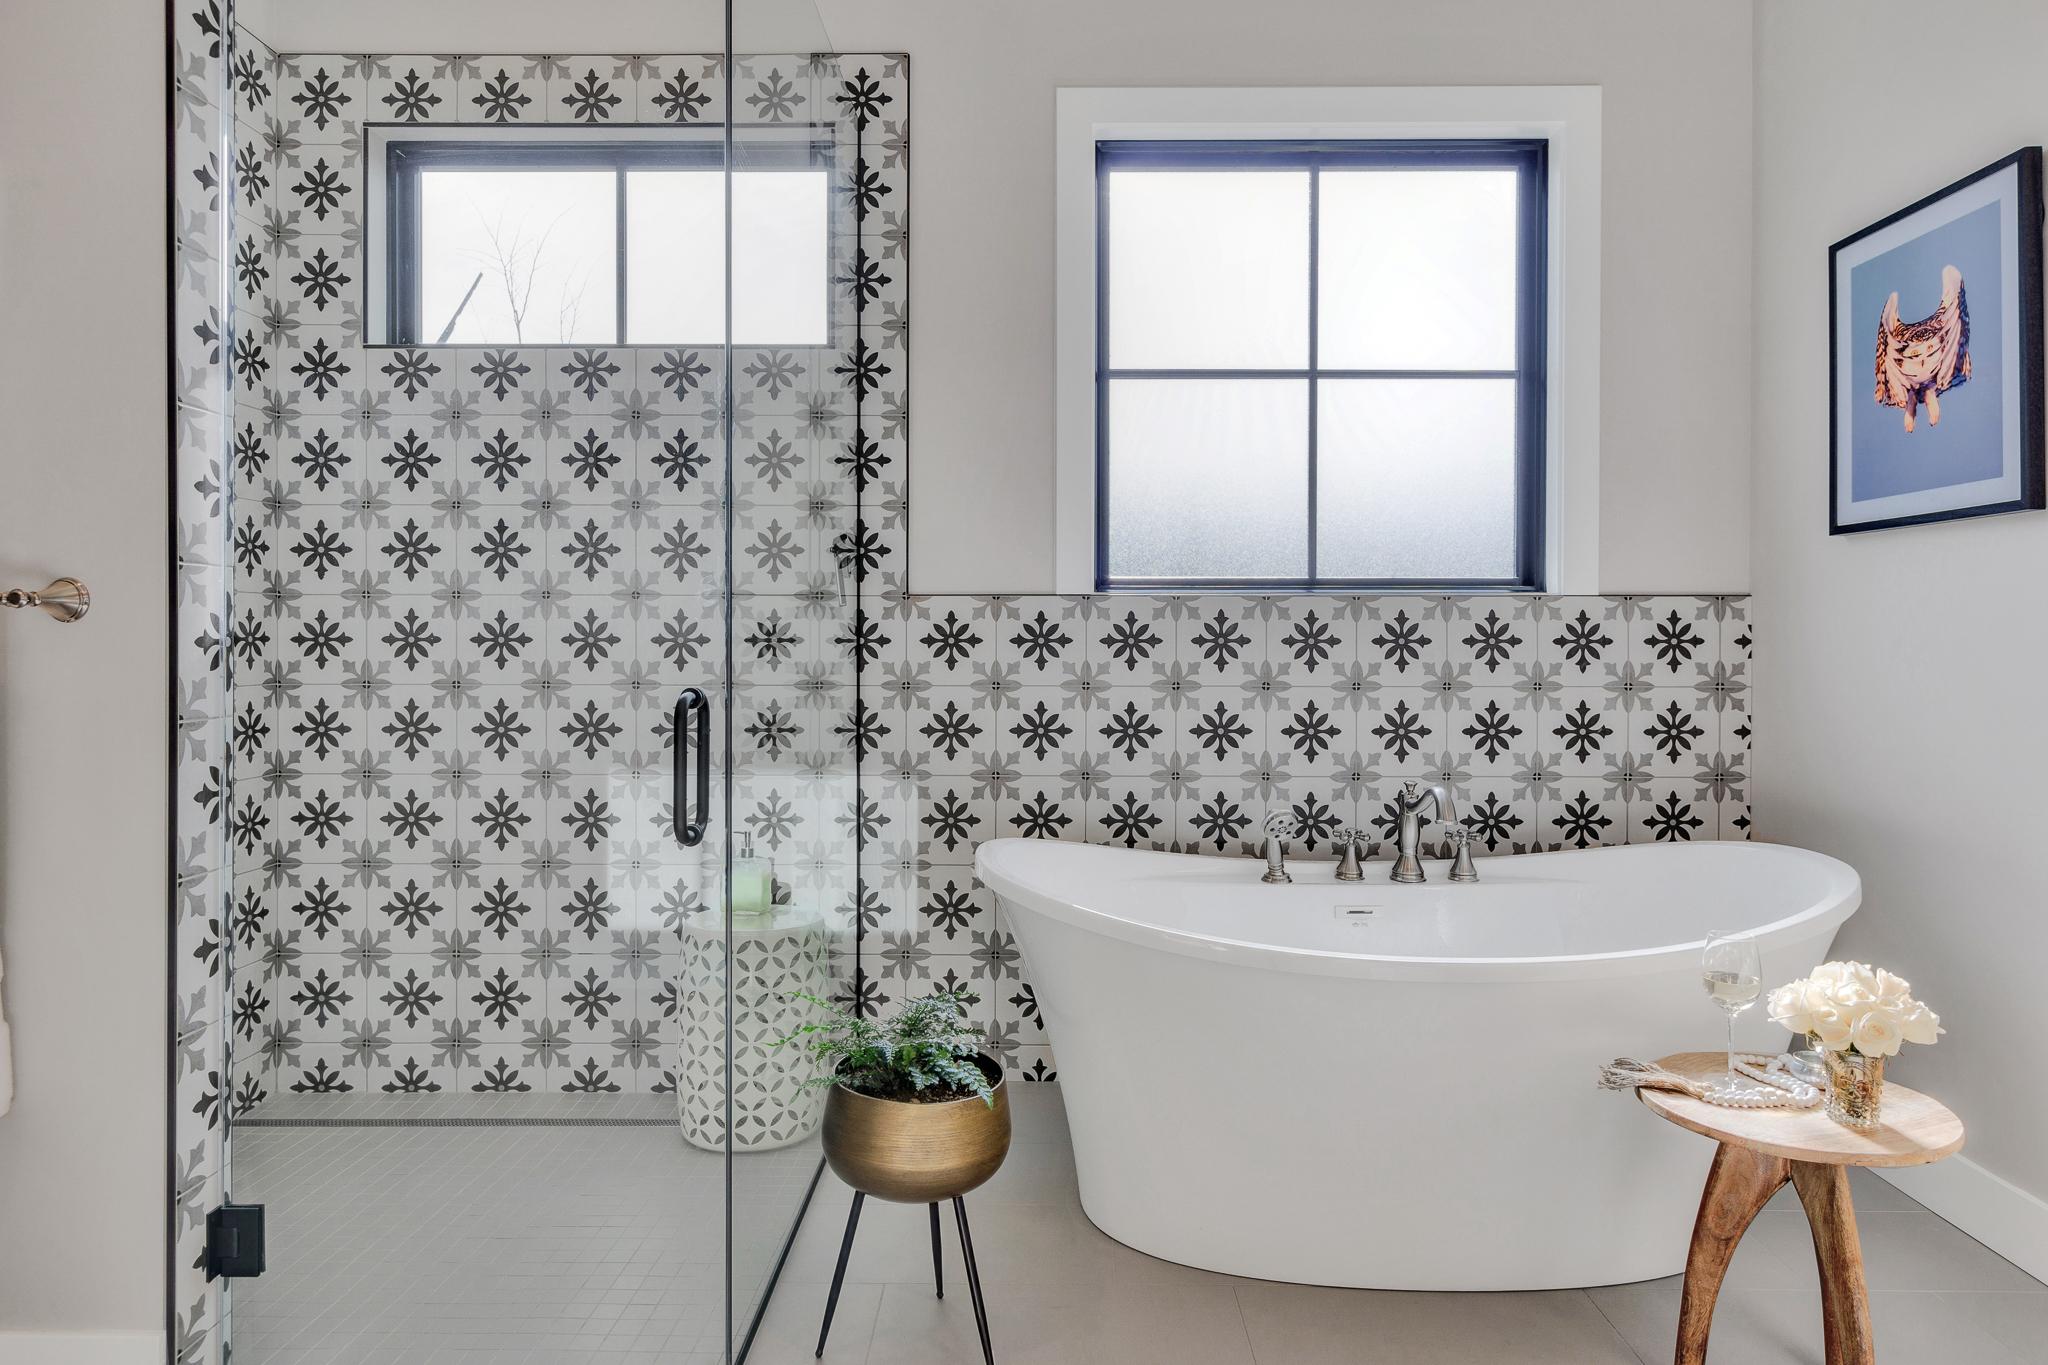 cv 9 bathroom tub and shower